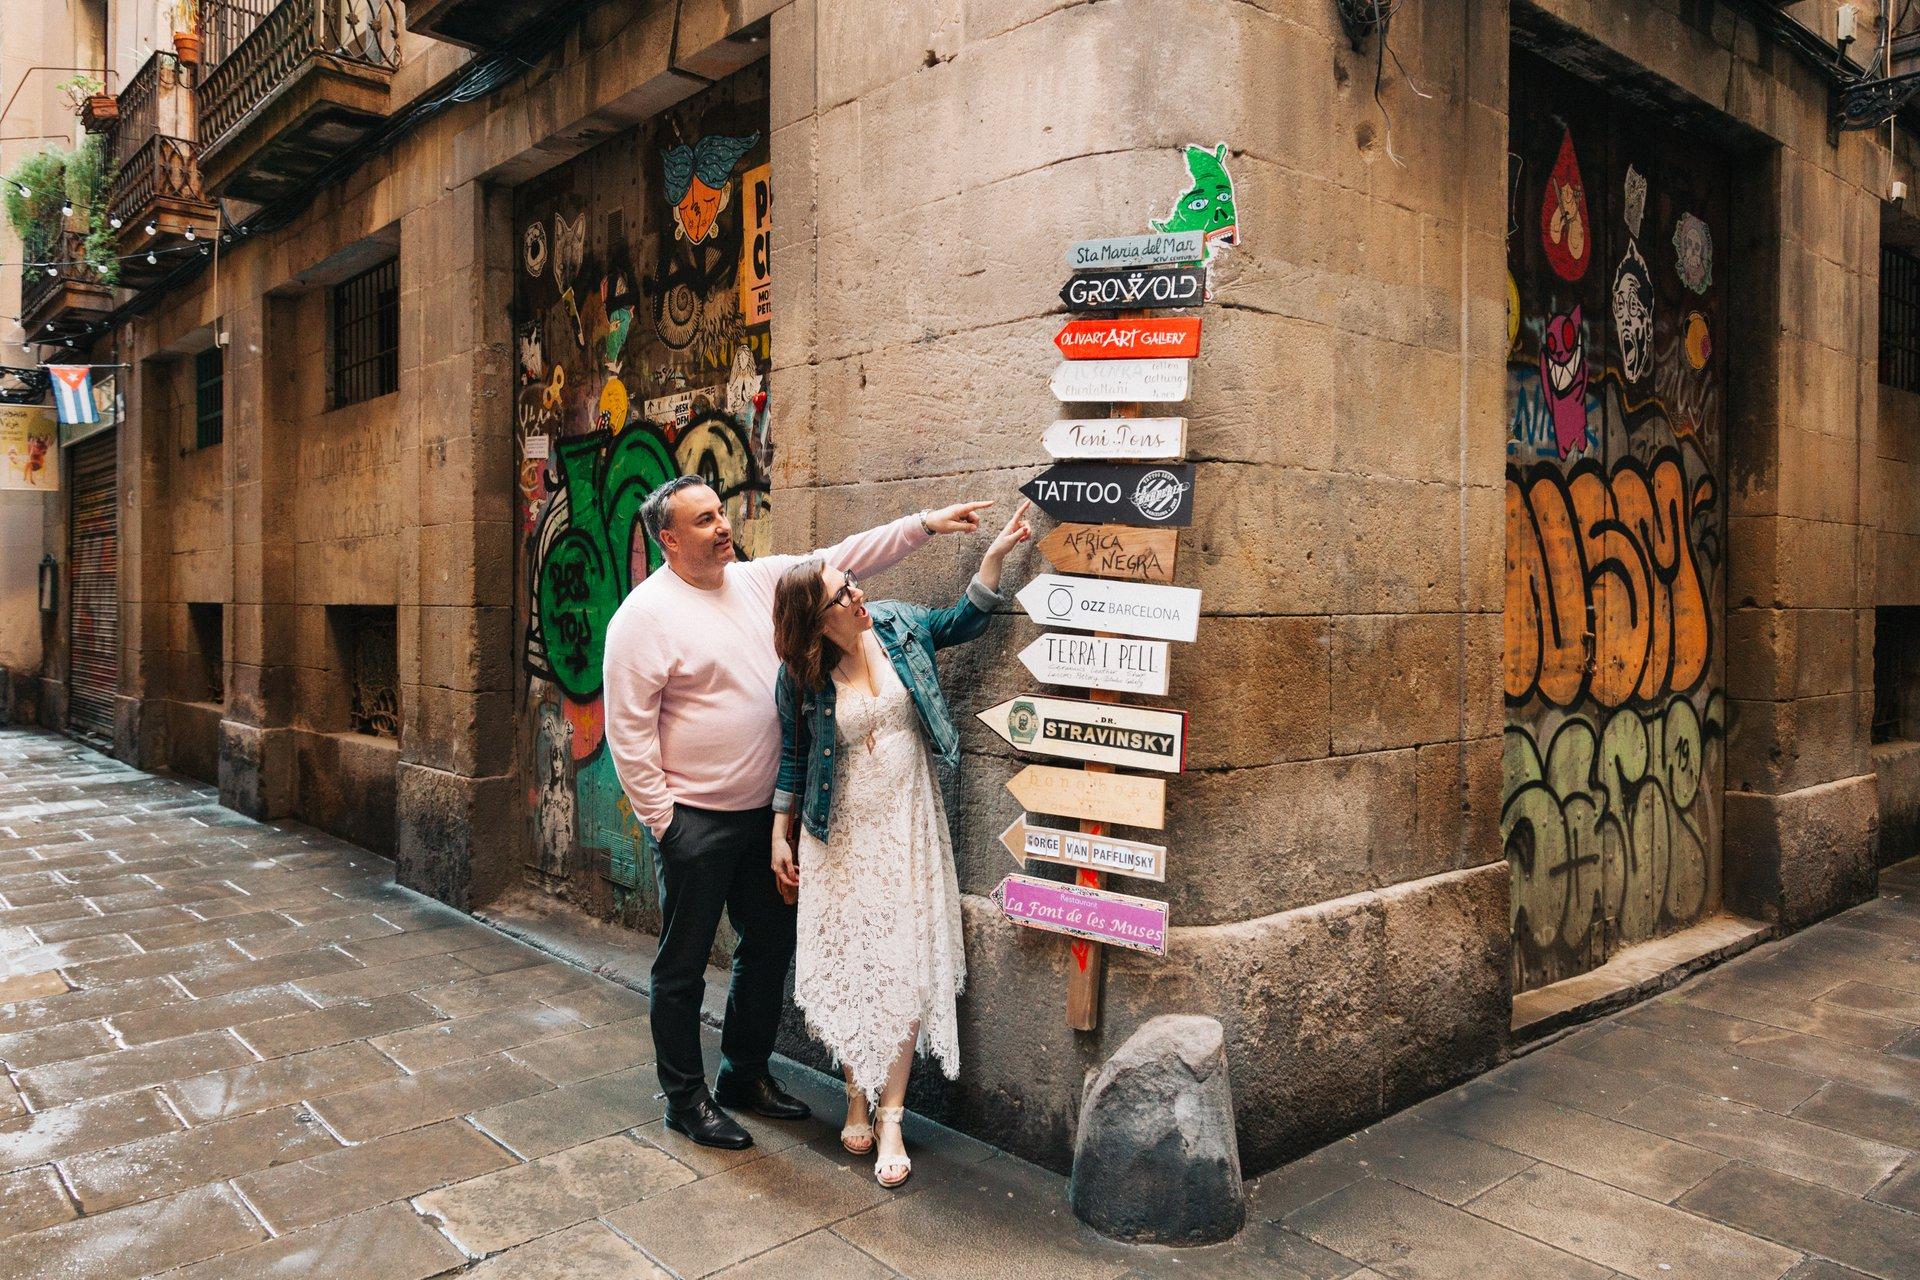 Barcelona-Spain-travel-story-Flytographer-10